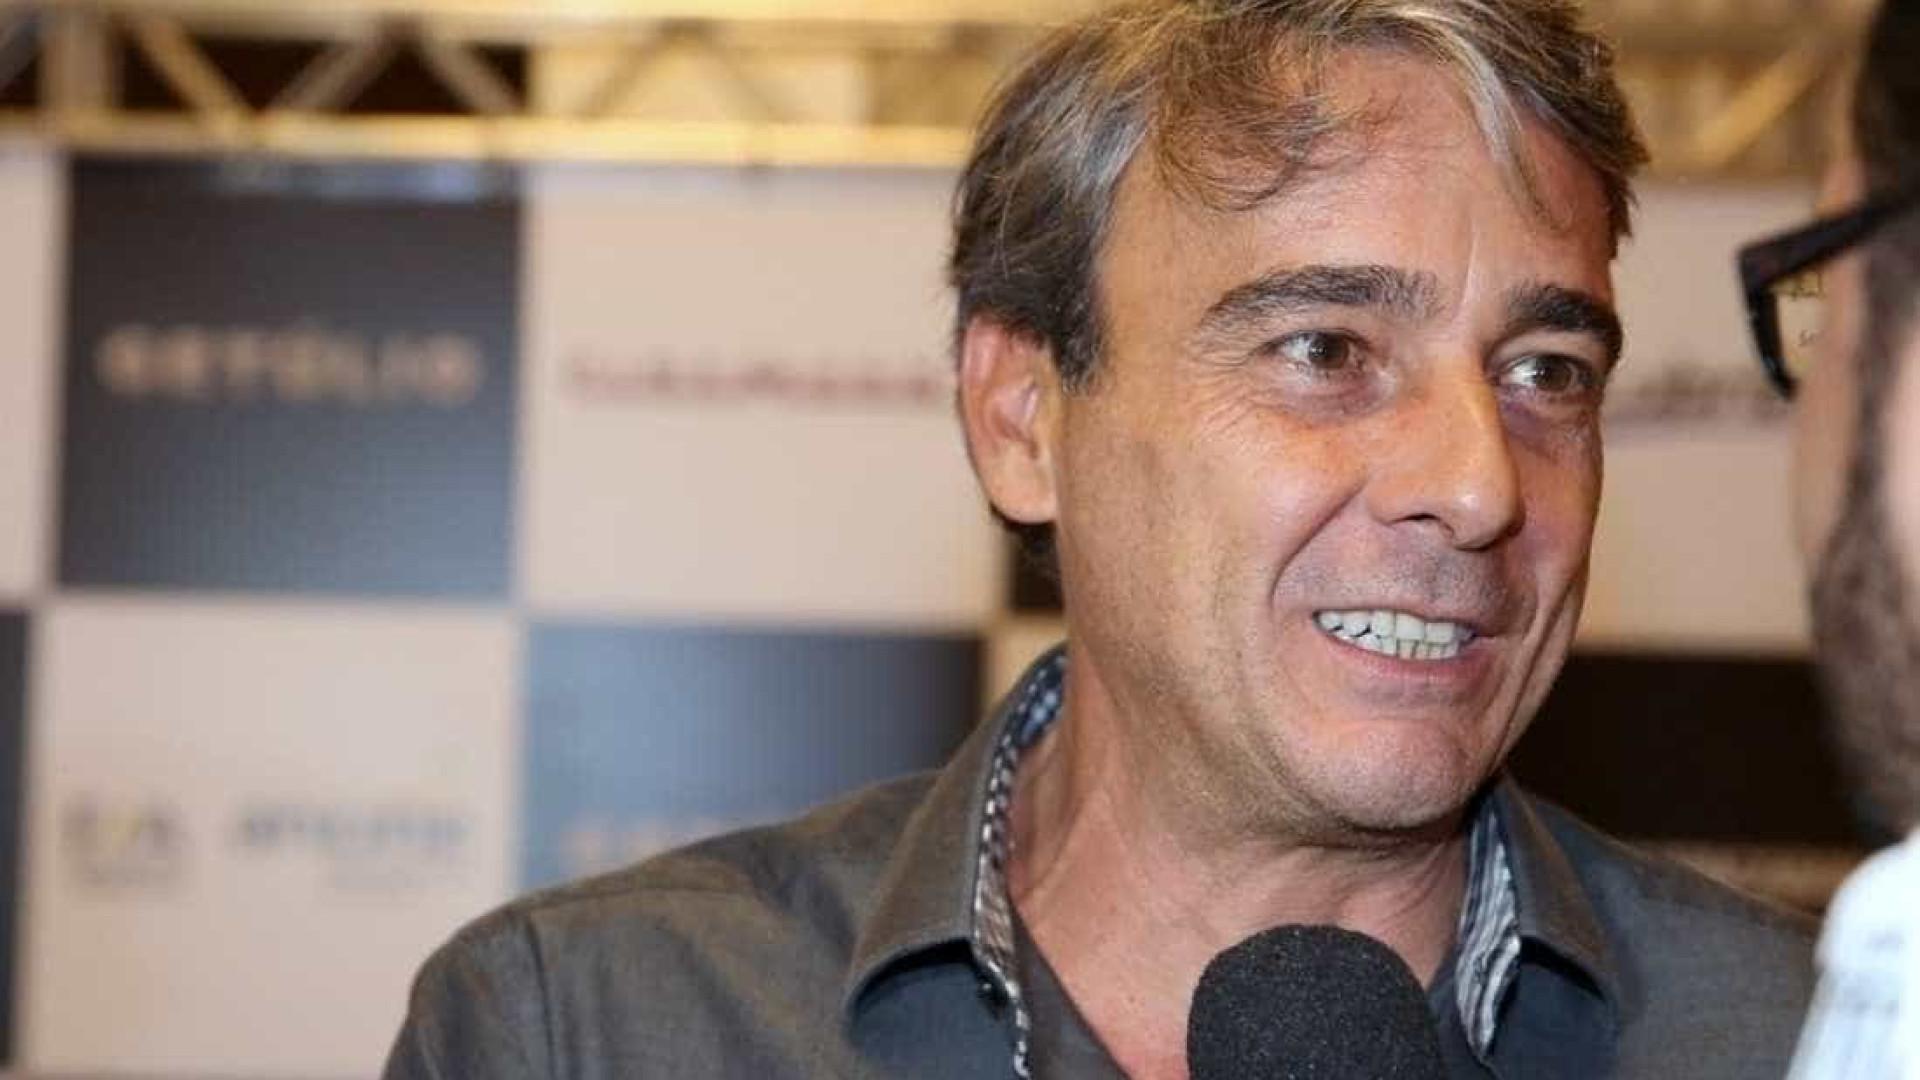 Ator brasileiro assume relação com produtora portuguesa